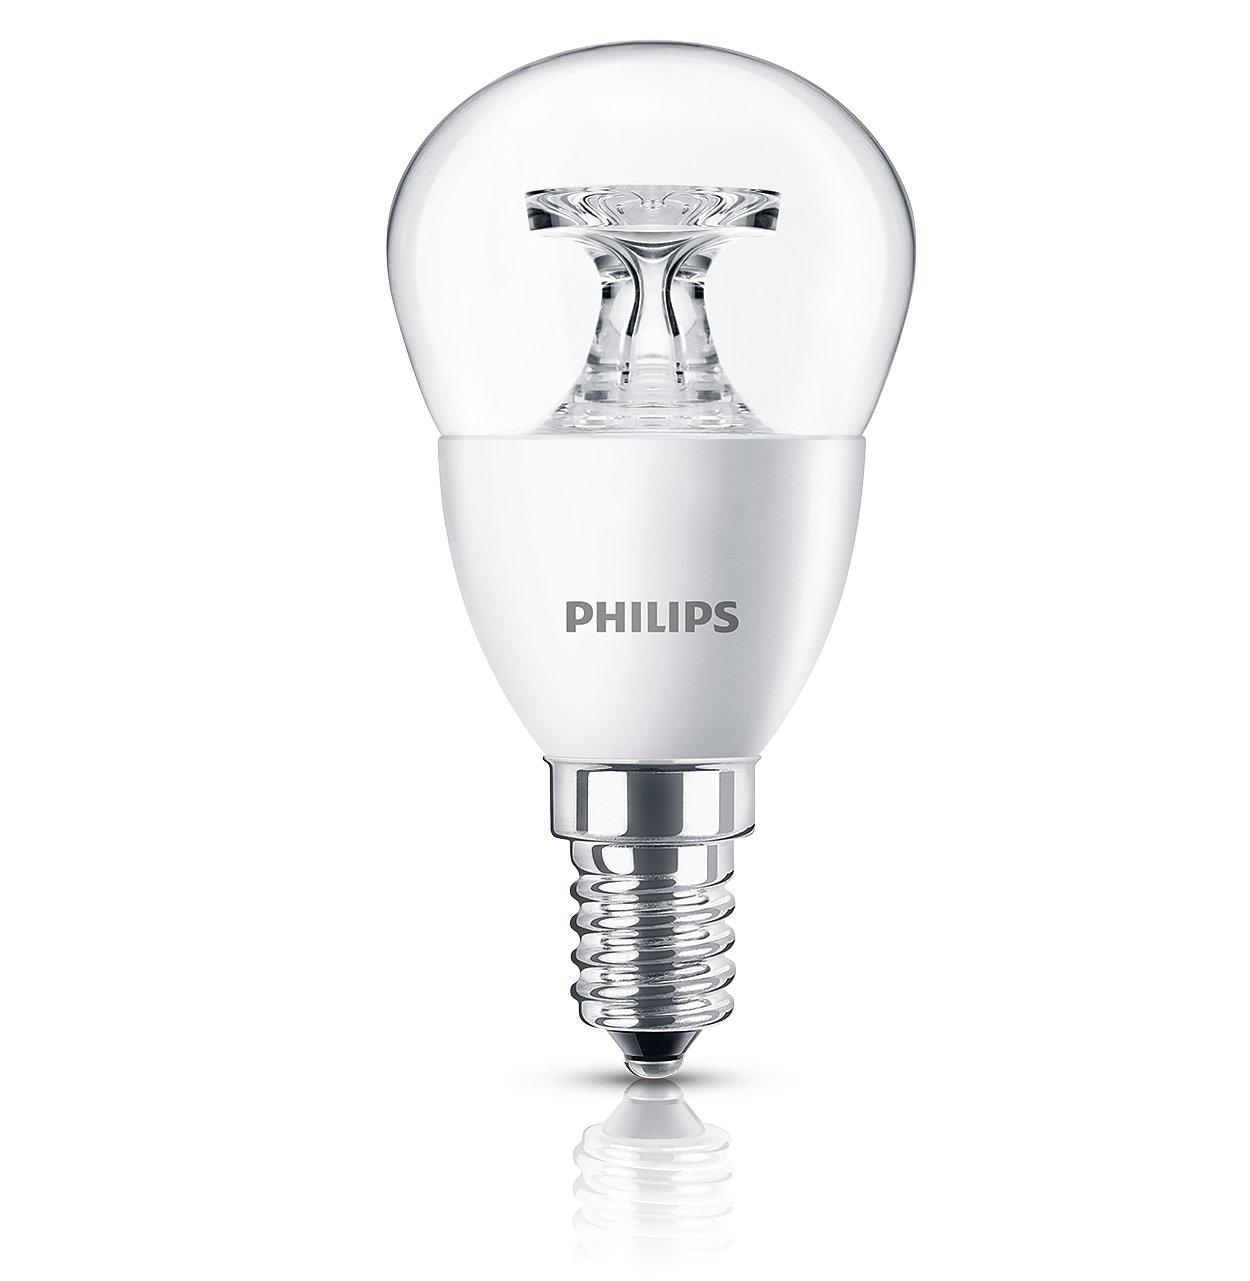 Đèn trang trí LED trong suốt mang ánh sáng lấp lánh vào nhà bạn